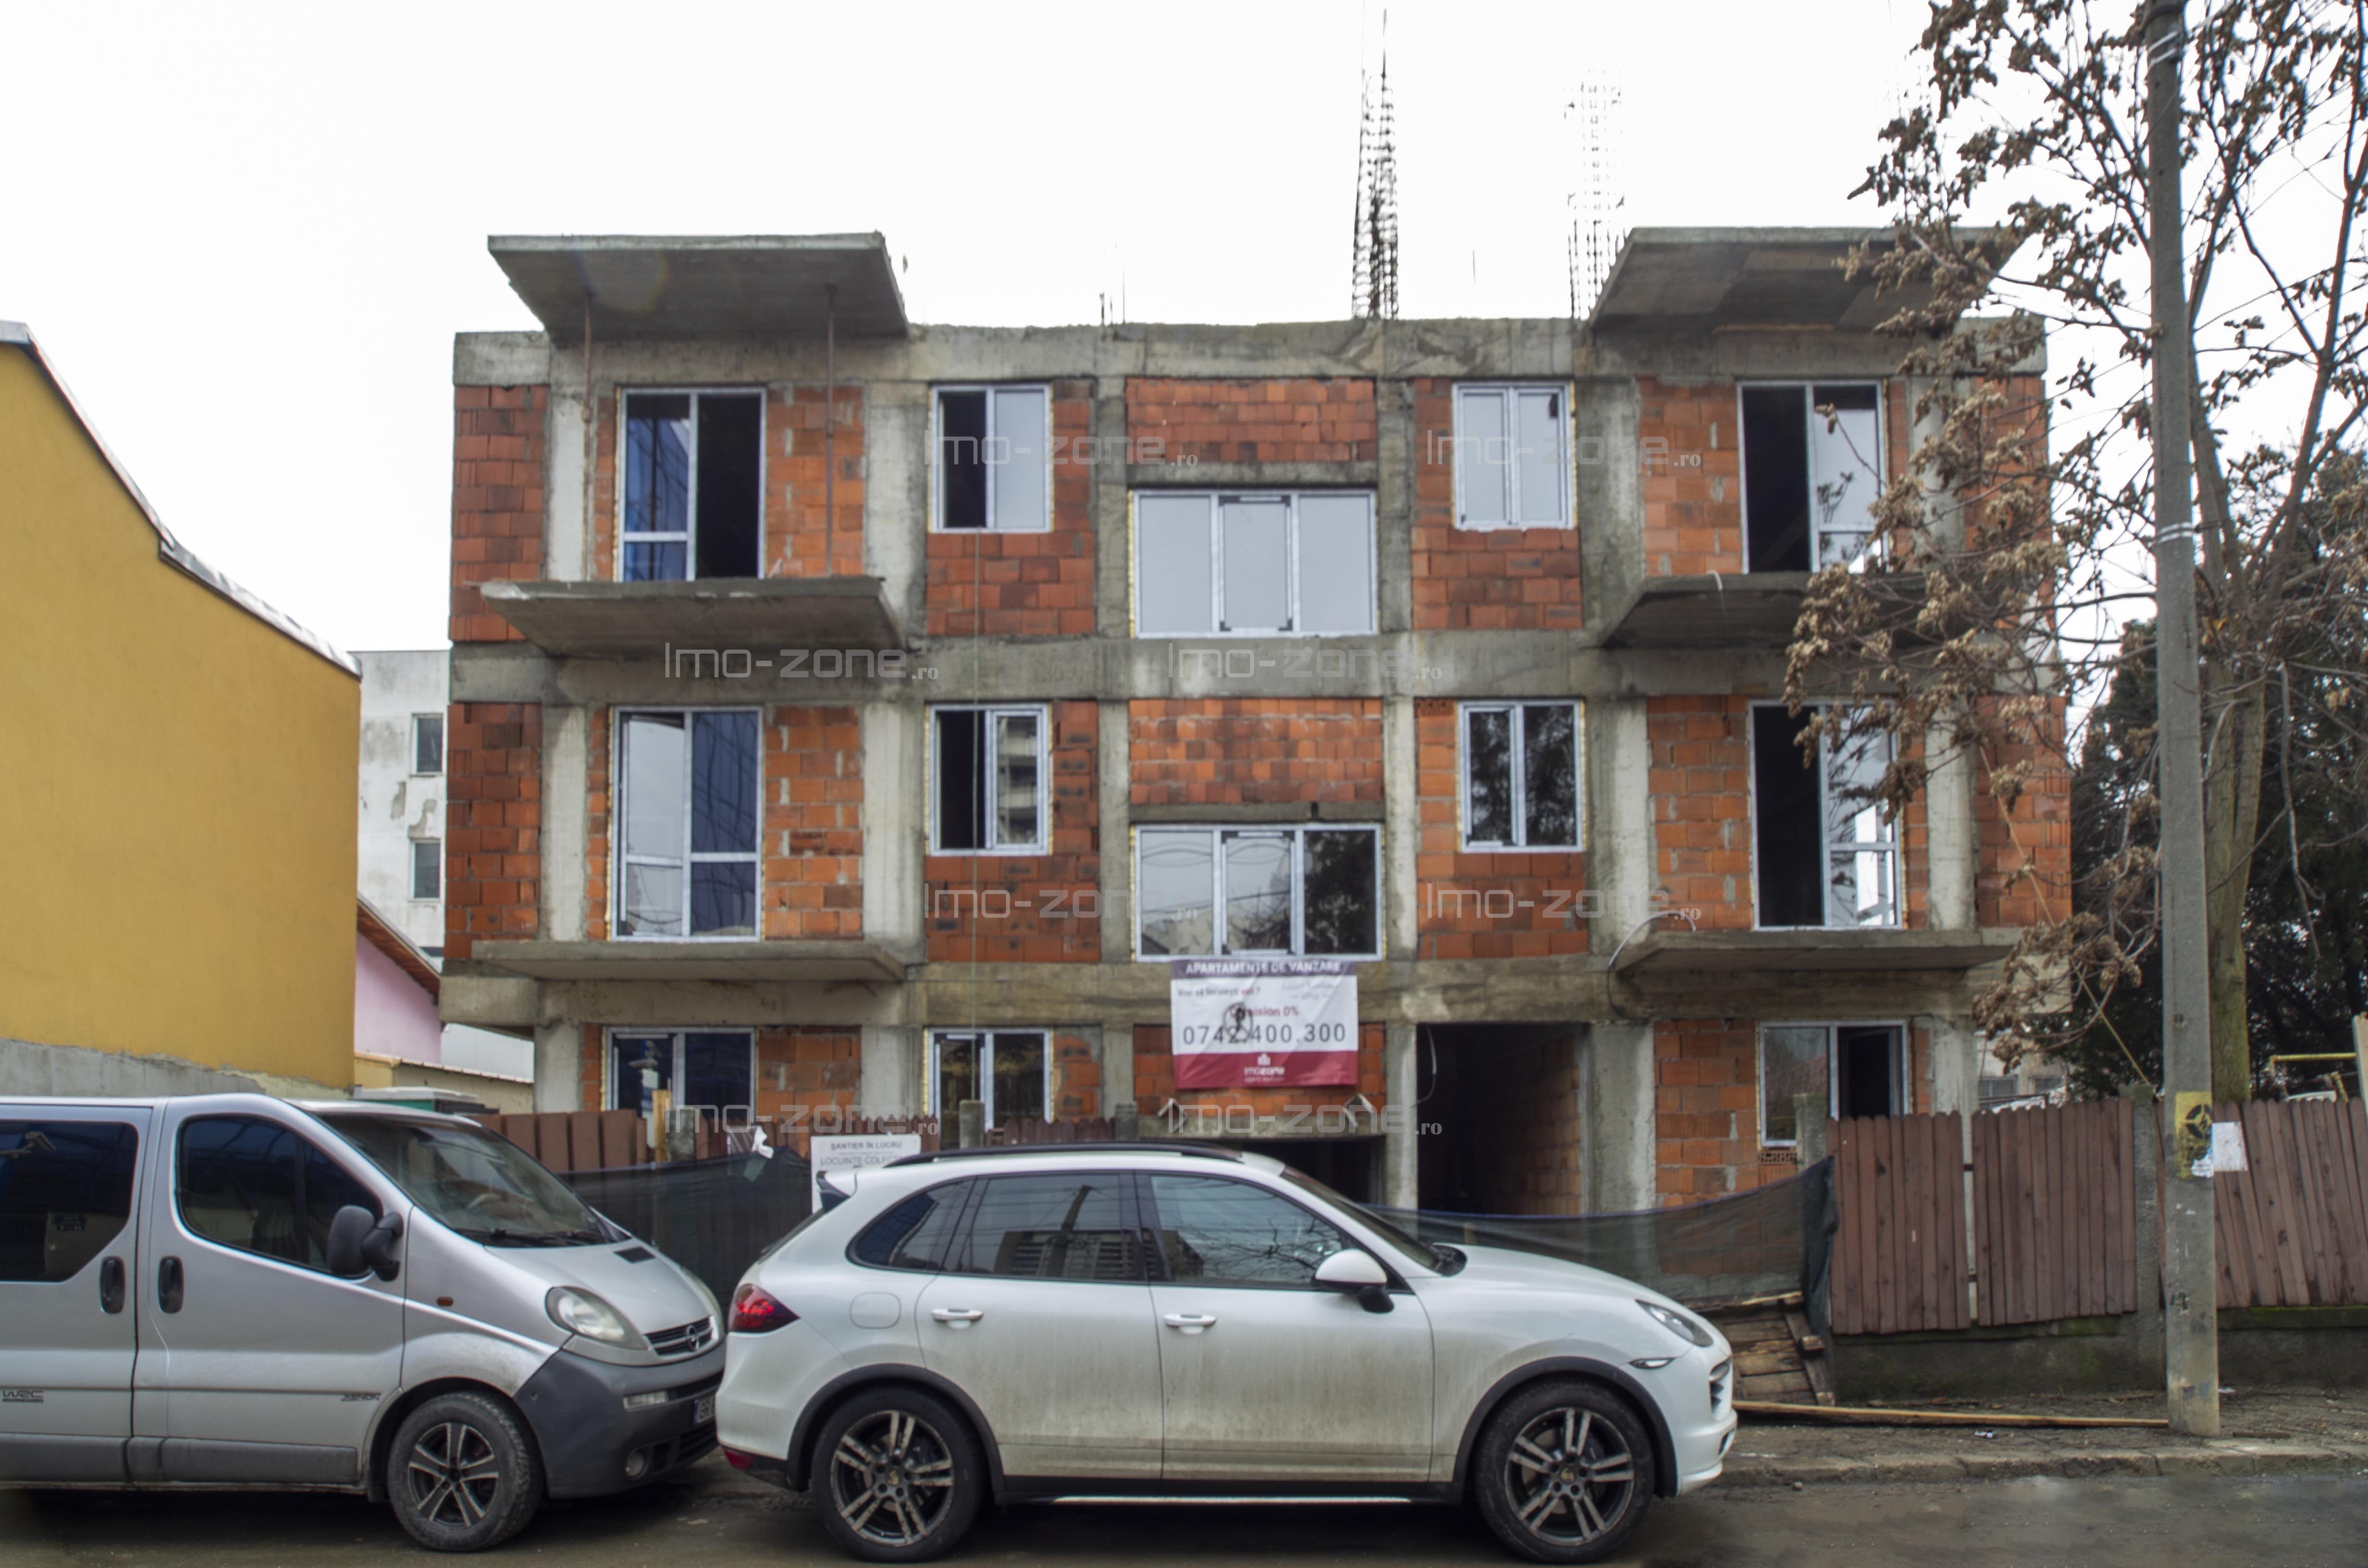 COMISION 0%,  2 CAMERE, zona - PLAZA ROMANIA, decomandat, 66.700 EURO.